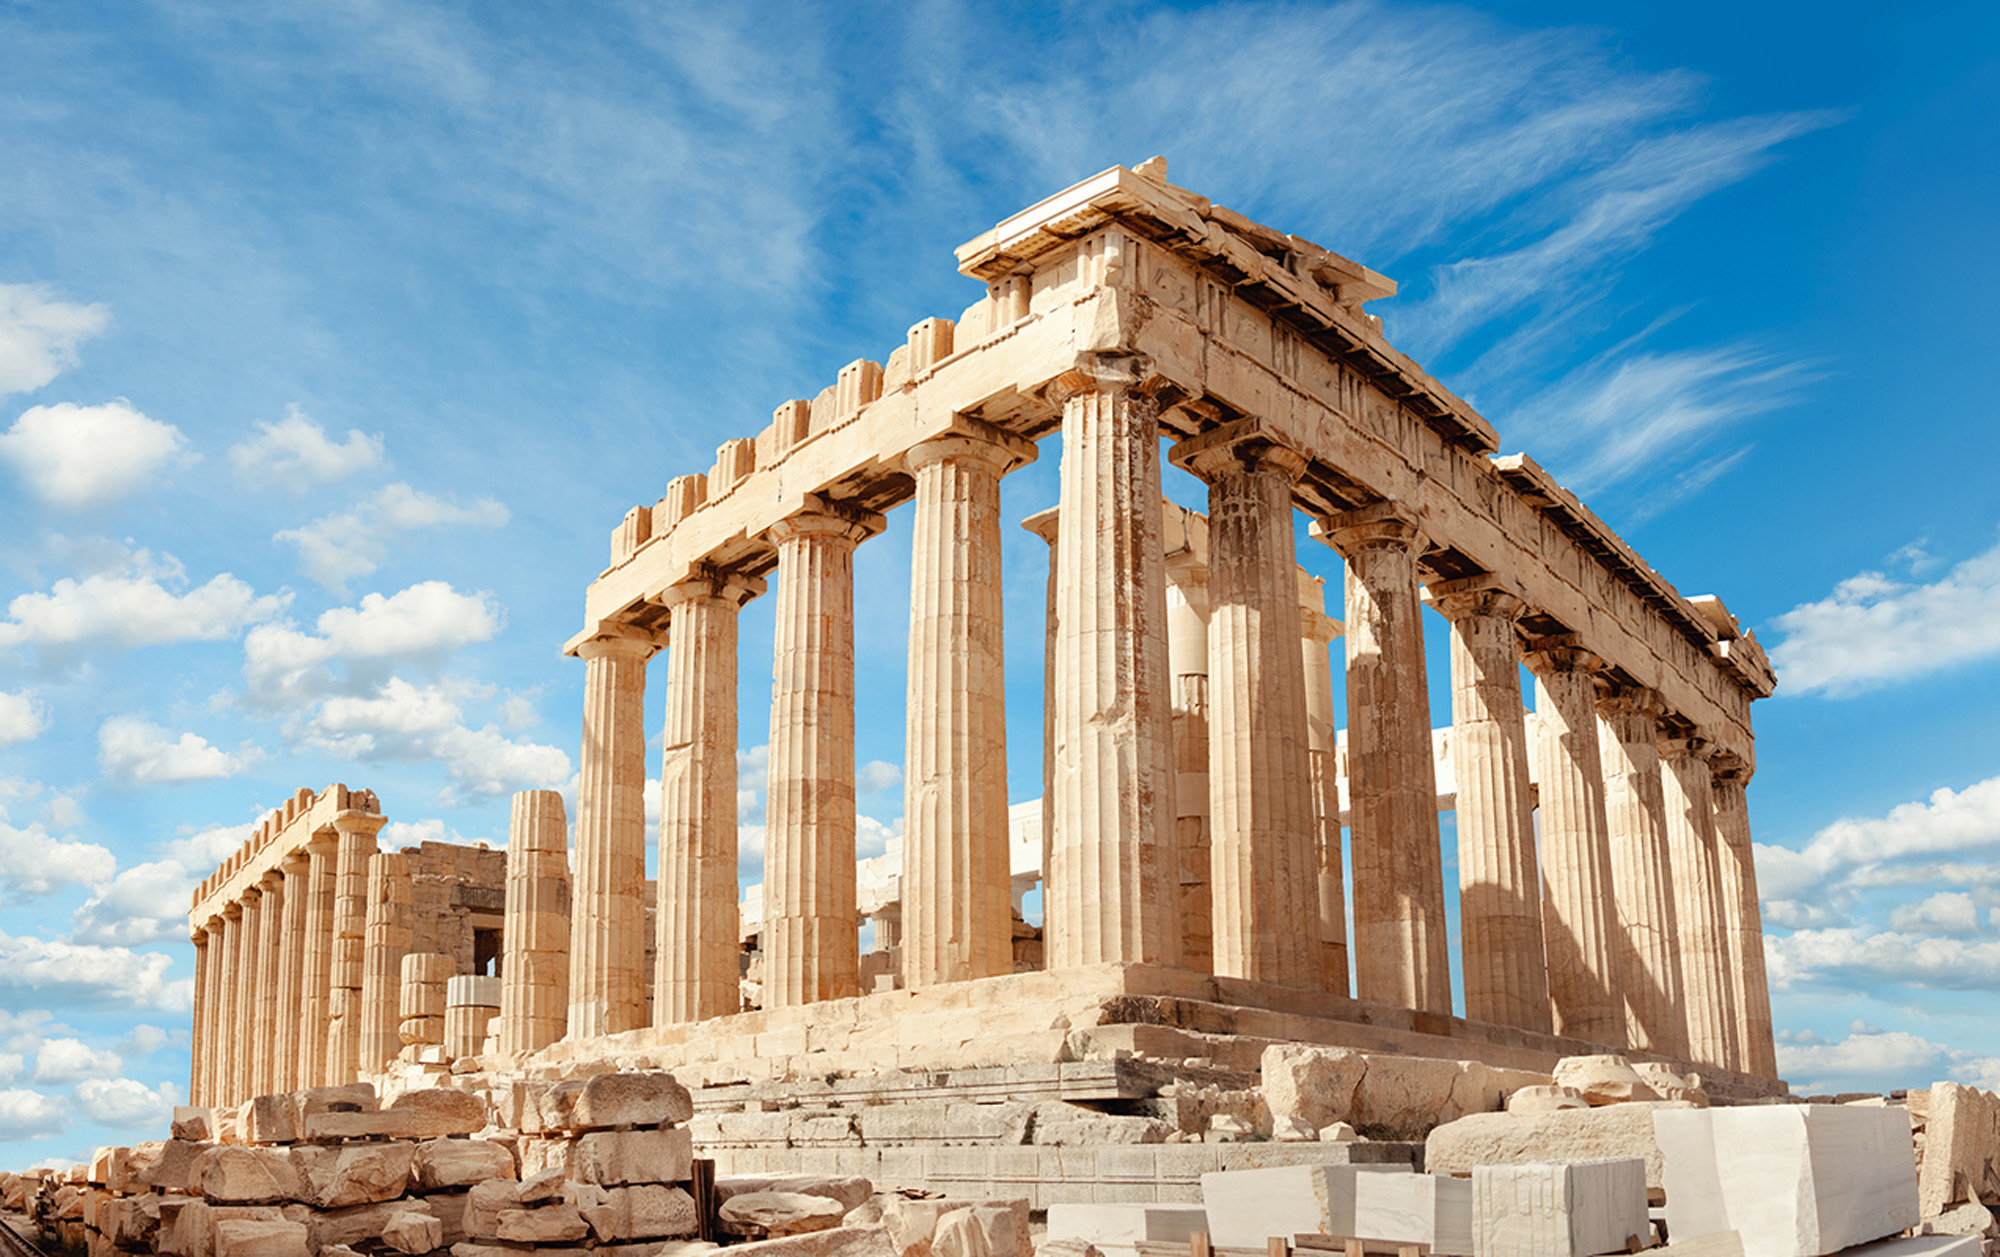 Parthenon-Acropolis-Athens-Greece.jpg?mtime=20190327084310#asset:105338